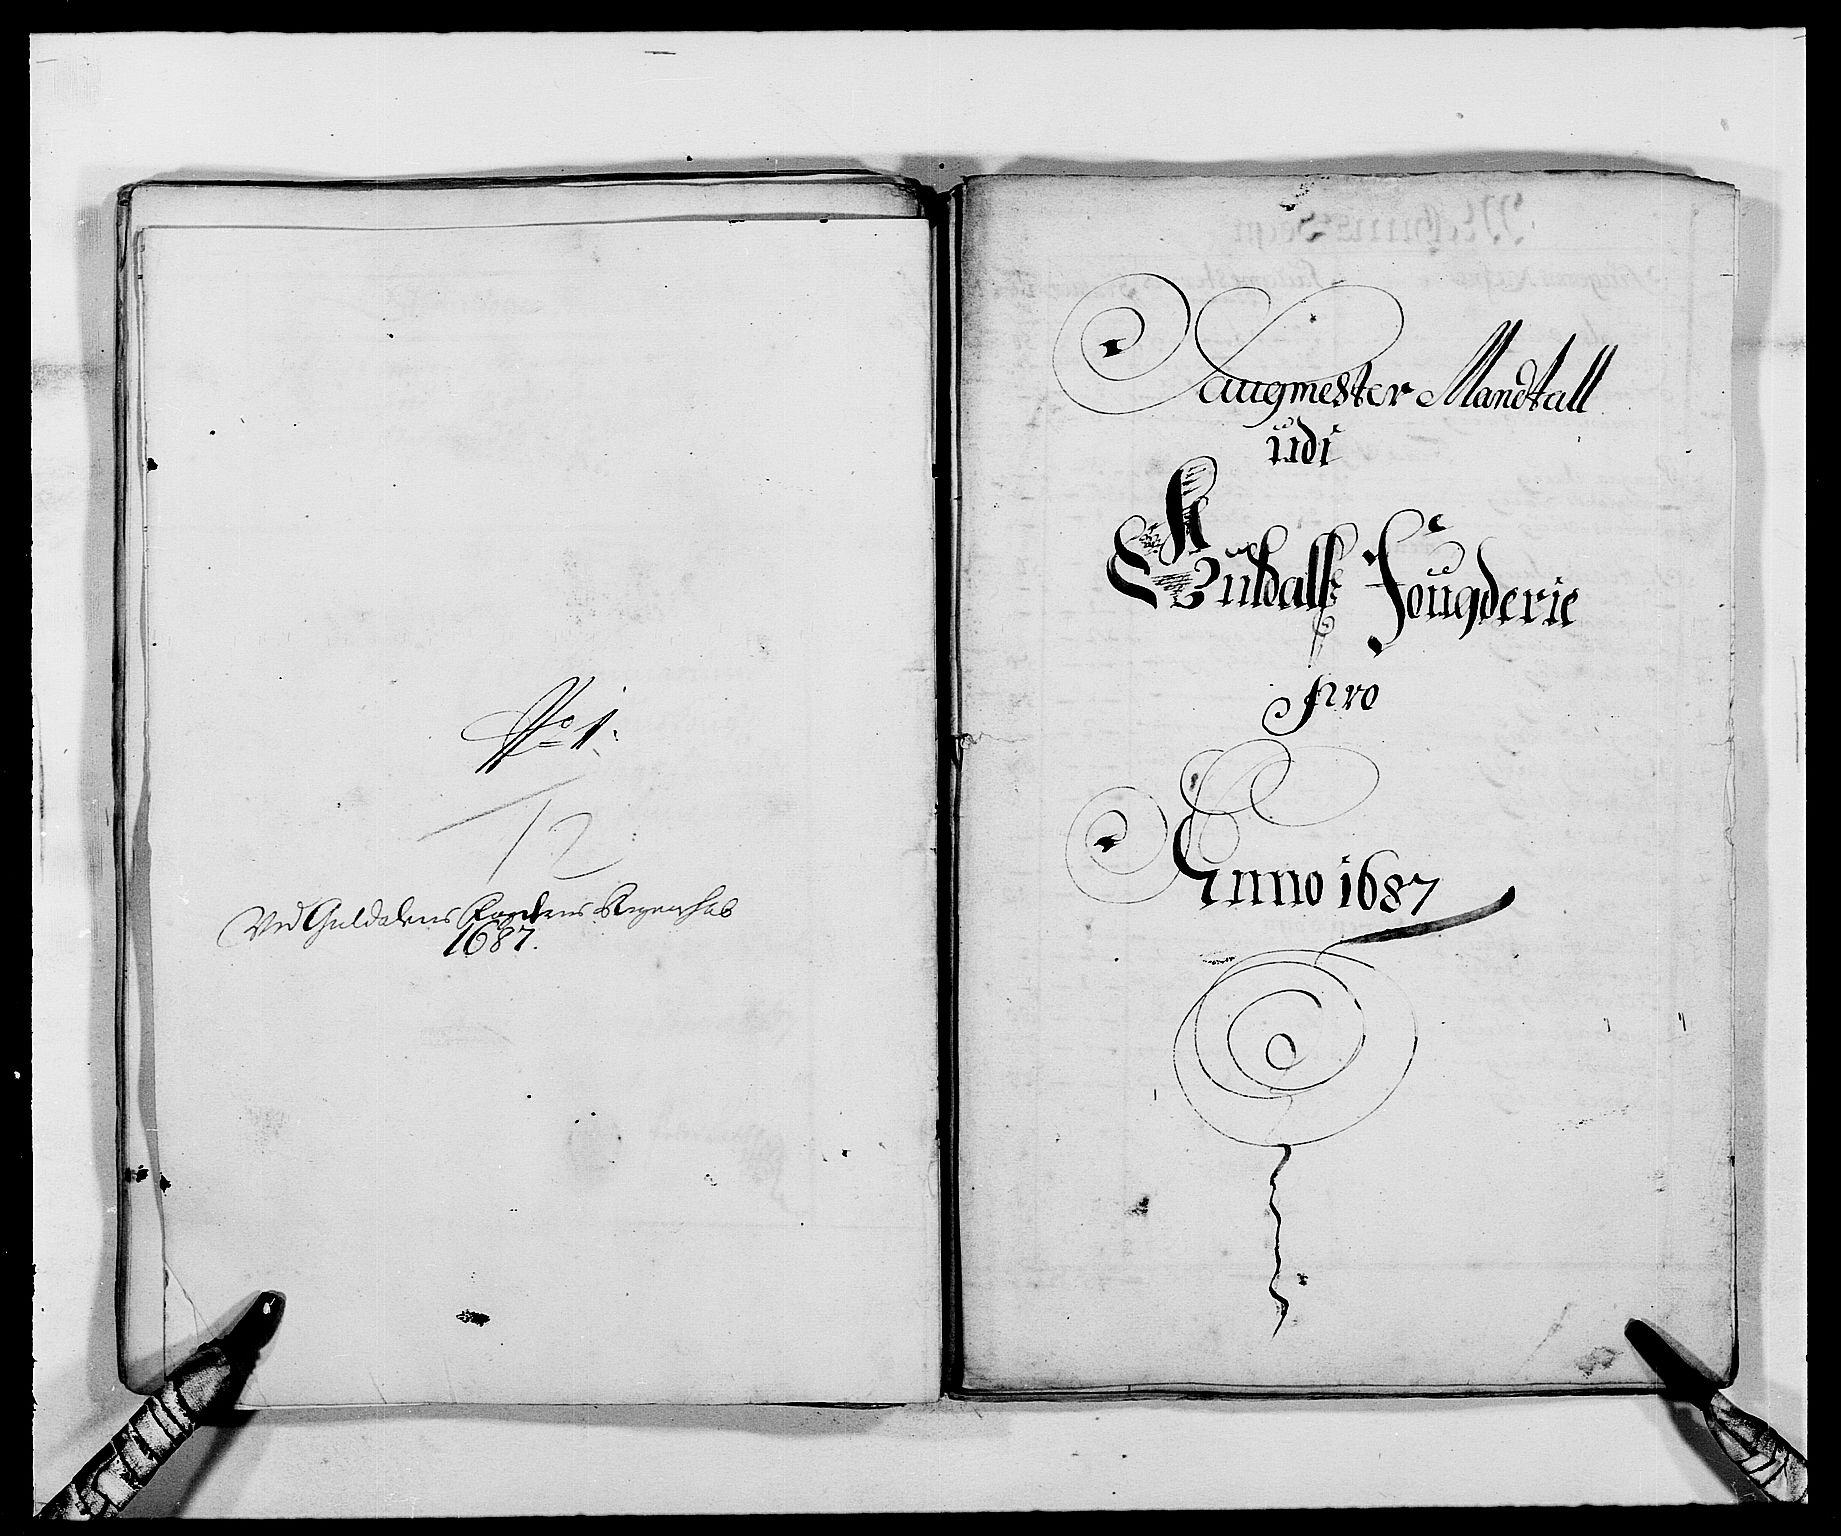 RA, Rentekammeret inntil 1814, Reviderte regnskaper, Fogderegnskap, R59/L3939: Fogderegnskap Gauldal, 1687-1688, s. 54